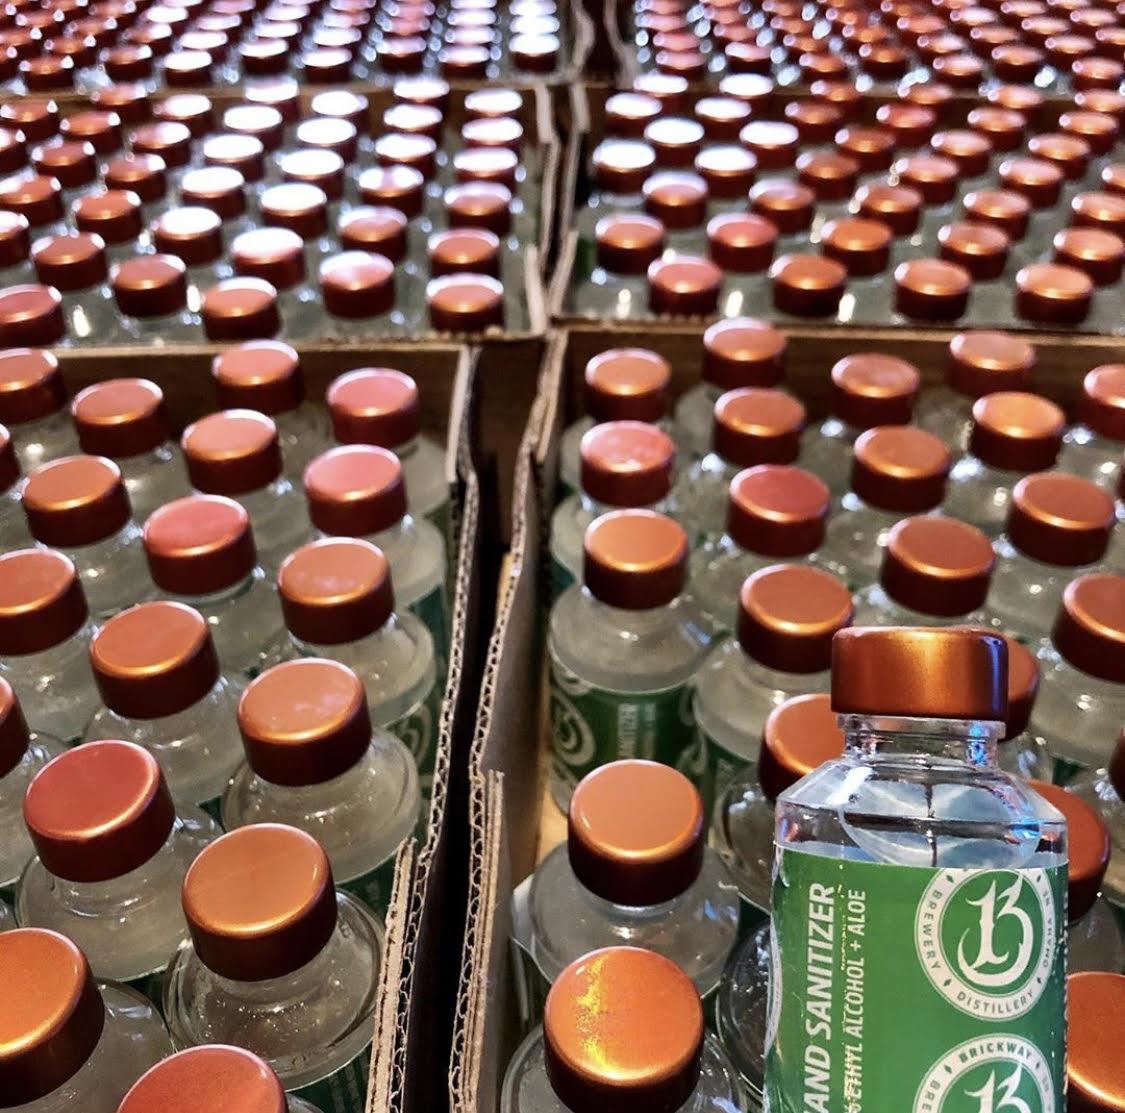 Brickway Brewery Hand Sanitizer